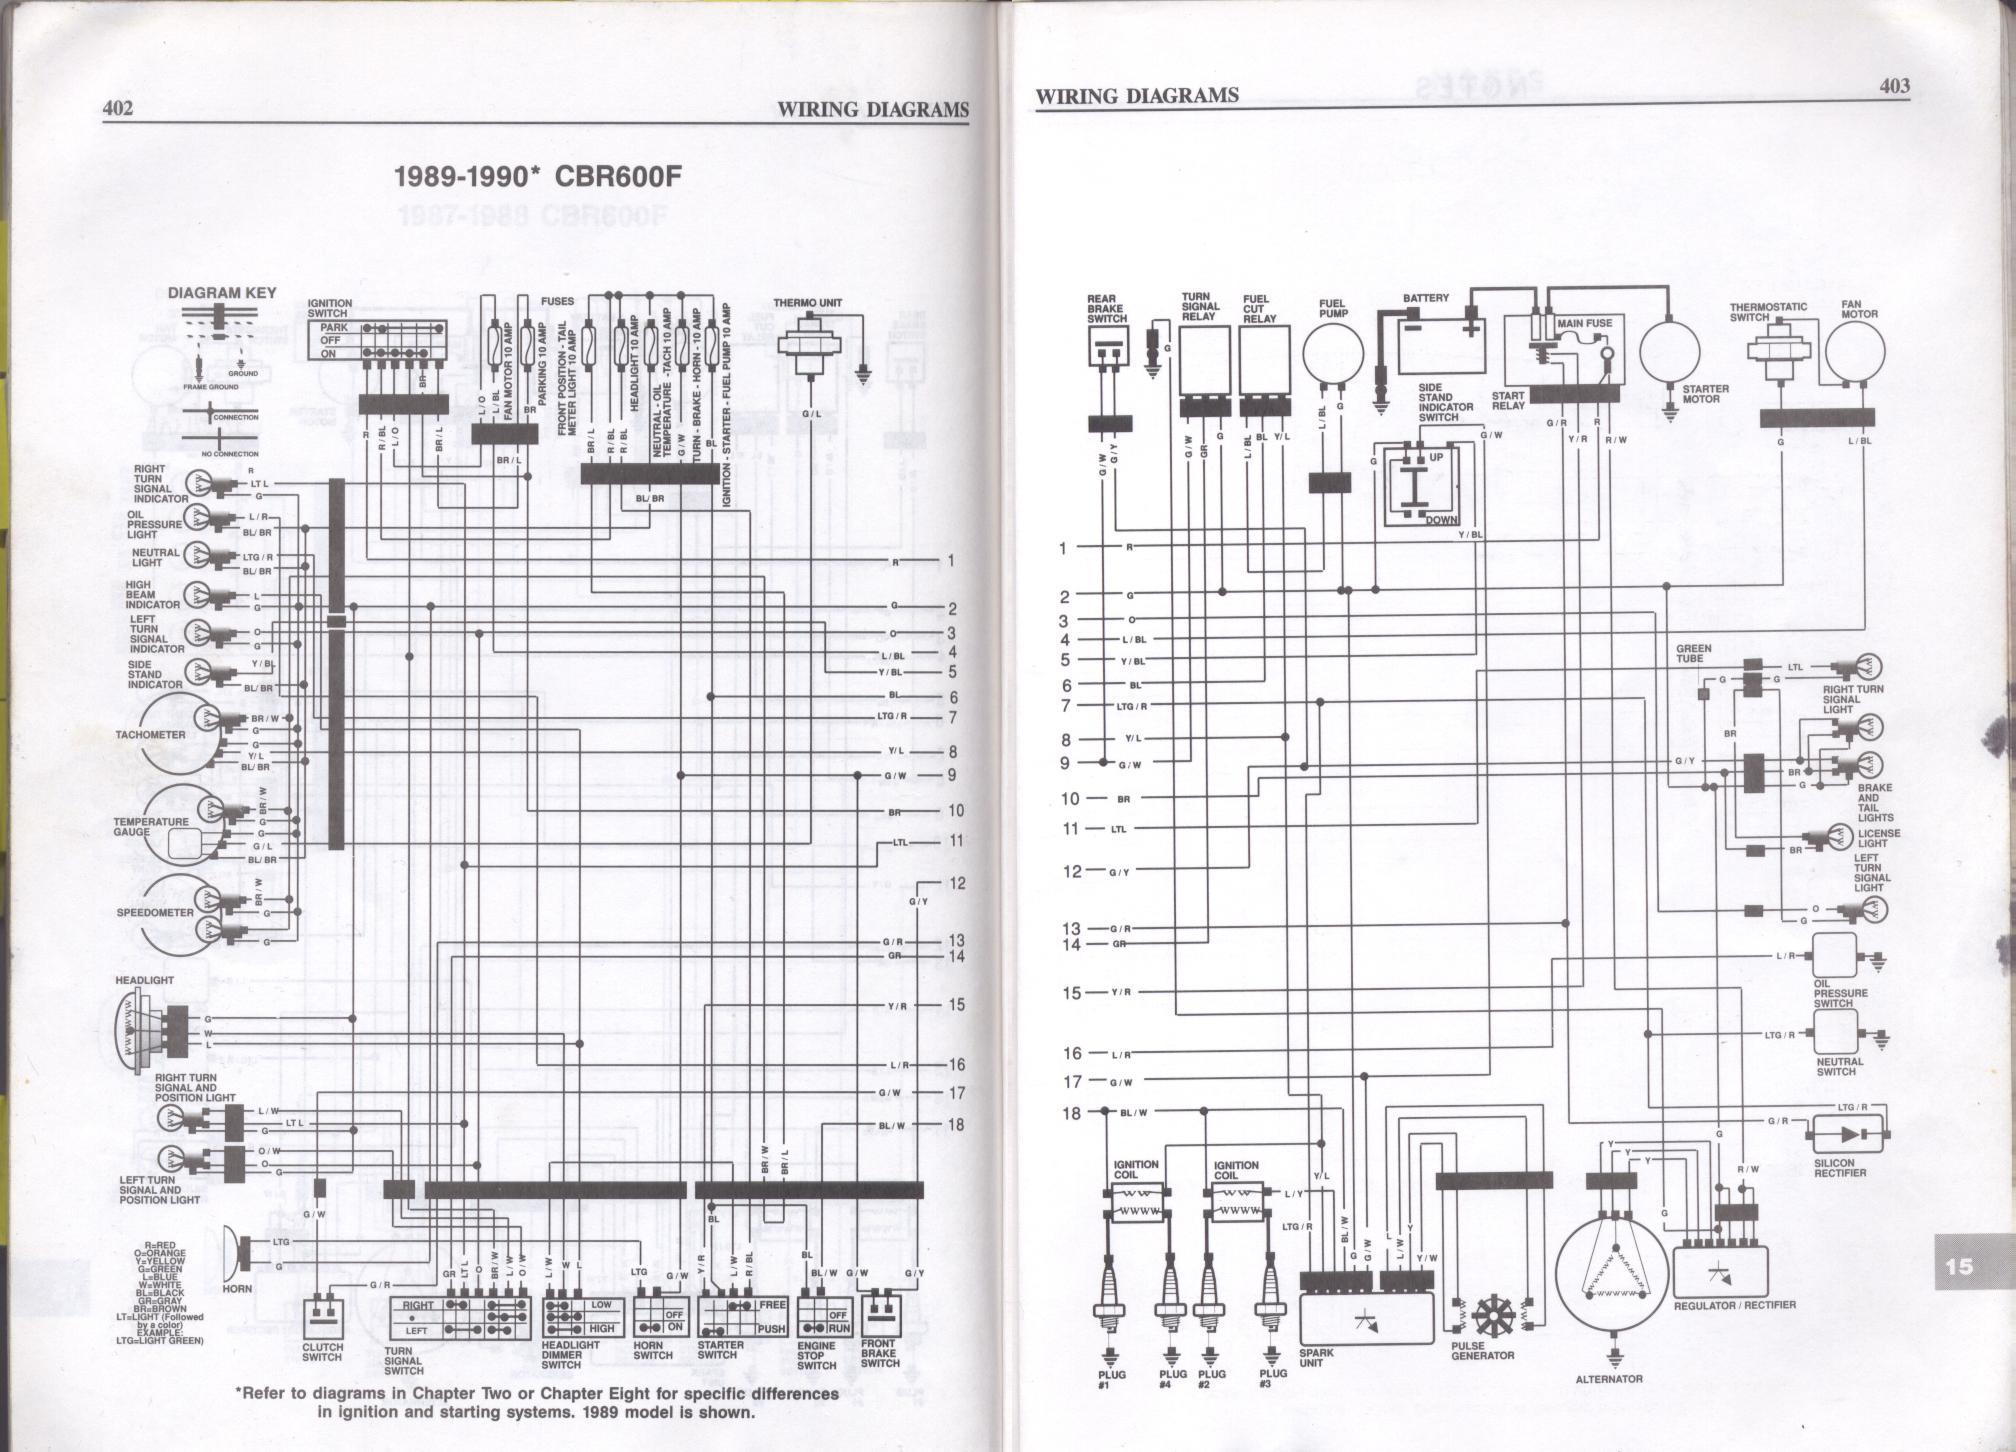 Astonishing 1981 Honda Cb900C Wiring Diagram Honda Cb750 Wiring Diagram Wiring Digital Resources Unprprontobusorg